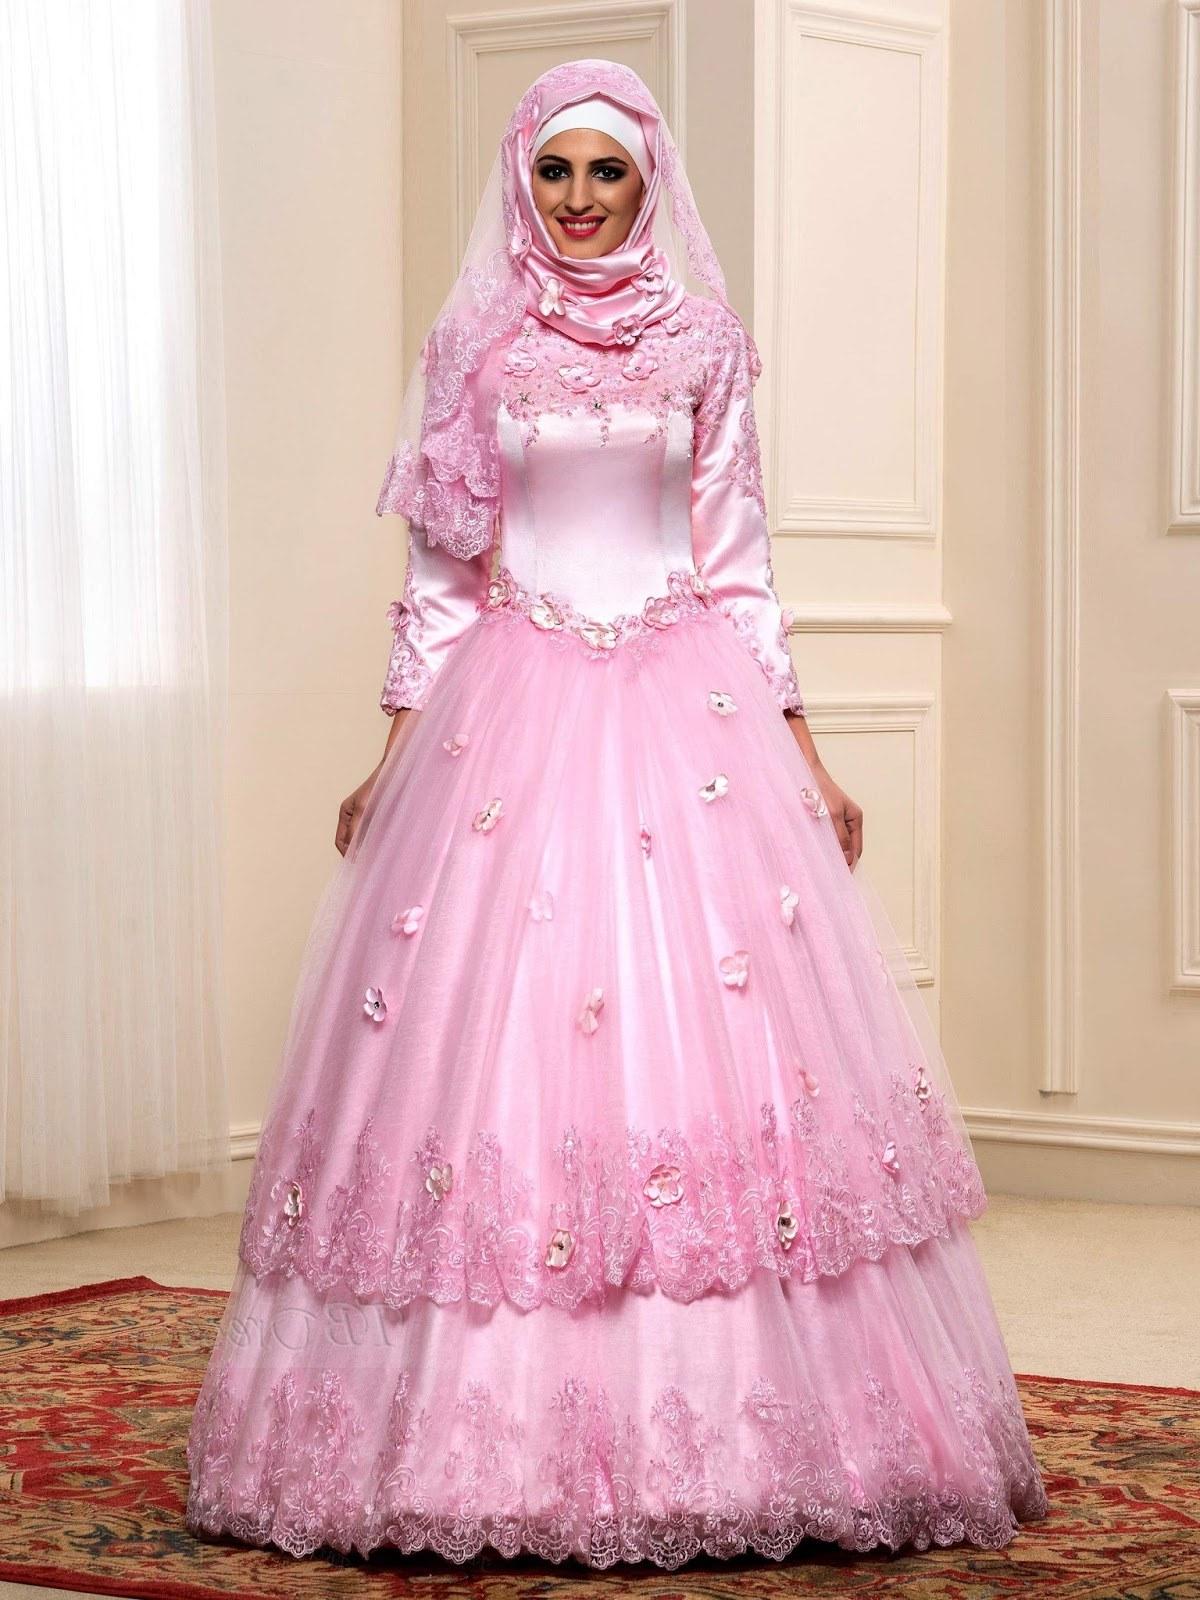 Bentuk Gamis Untuk Seragam Pernikahan Nkde 21 Gaun Pernikahan Wanita Arab Konsep Penting